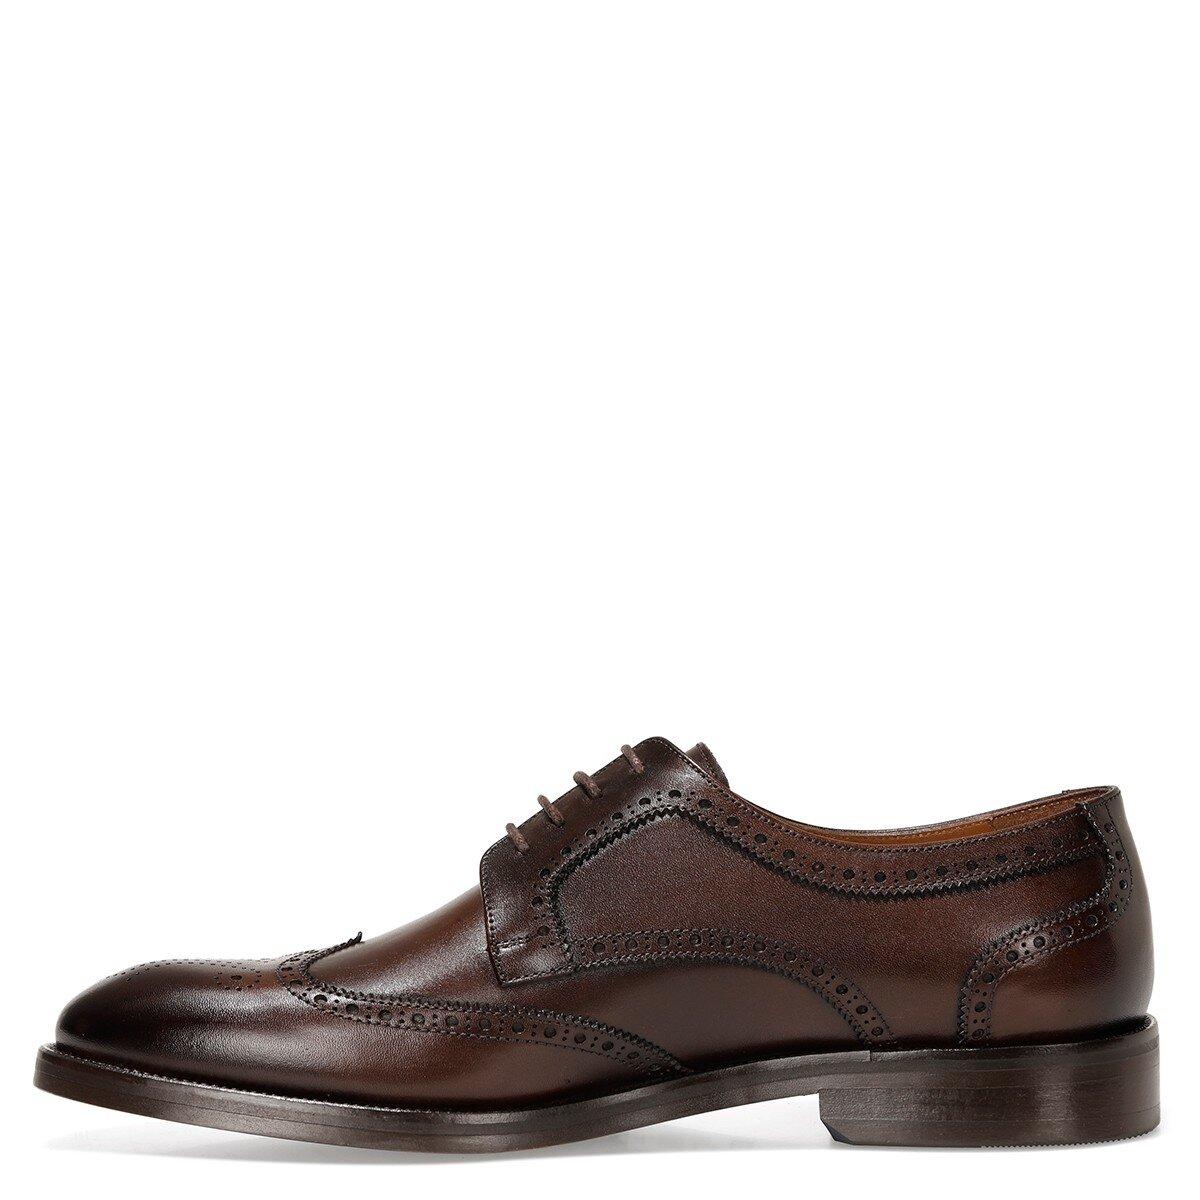 ROVAN 1FX Kahverengi Erkek Klasik Ayakkabı